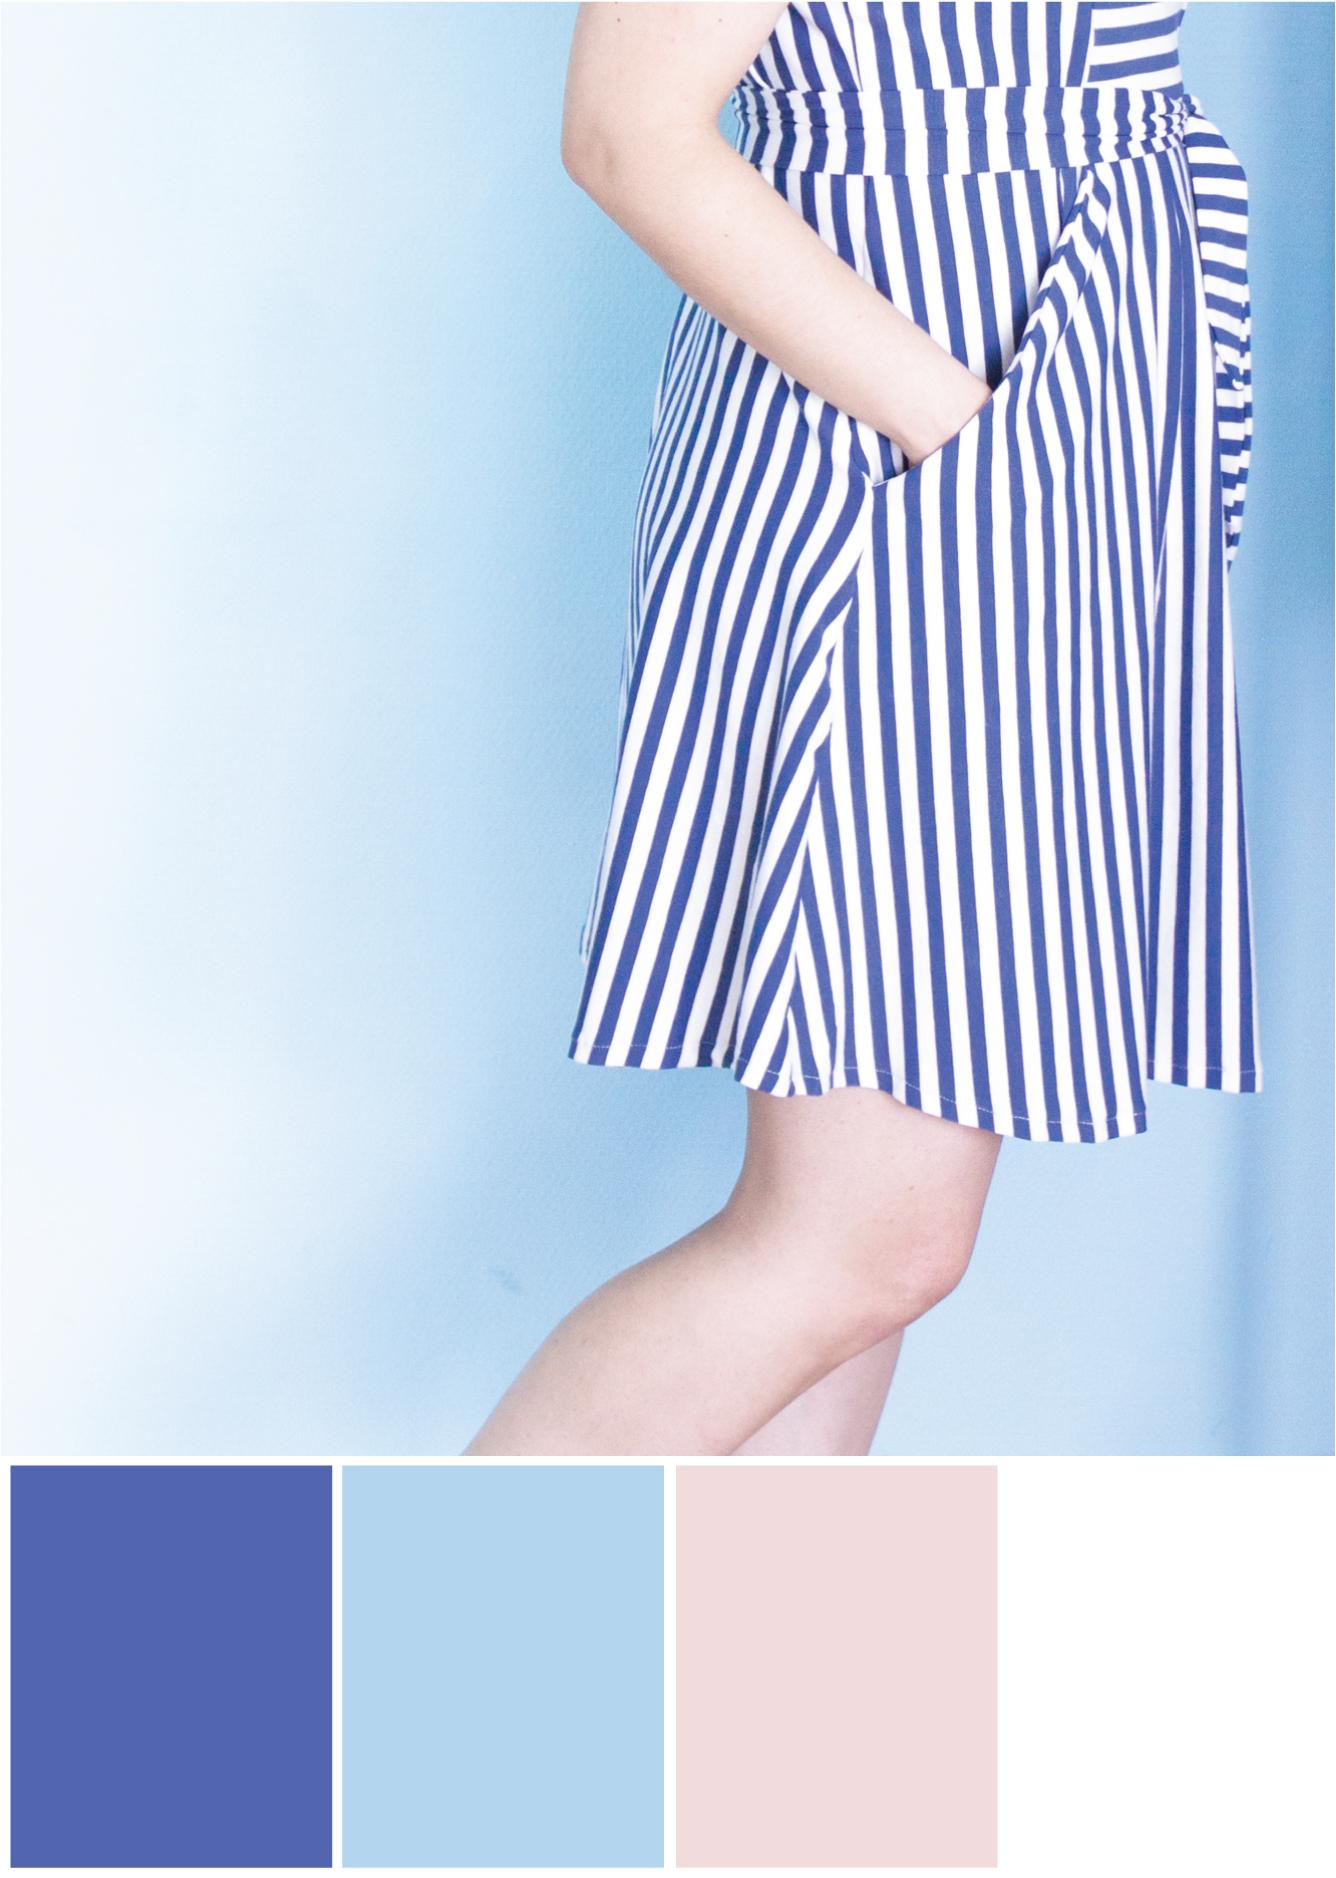 Farbkombinationen Mit Blau Blaue Farbpaletten Zur Inspiration